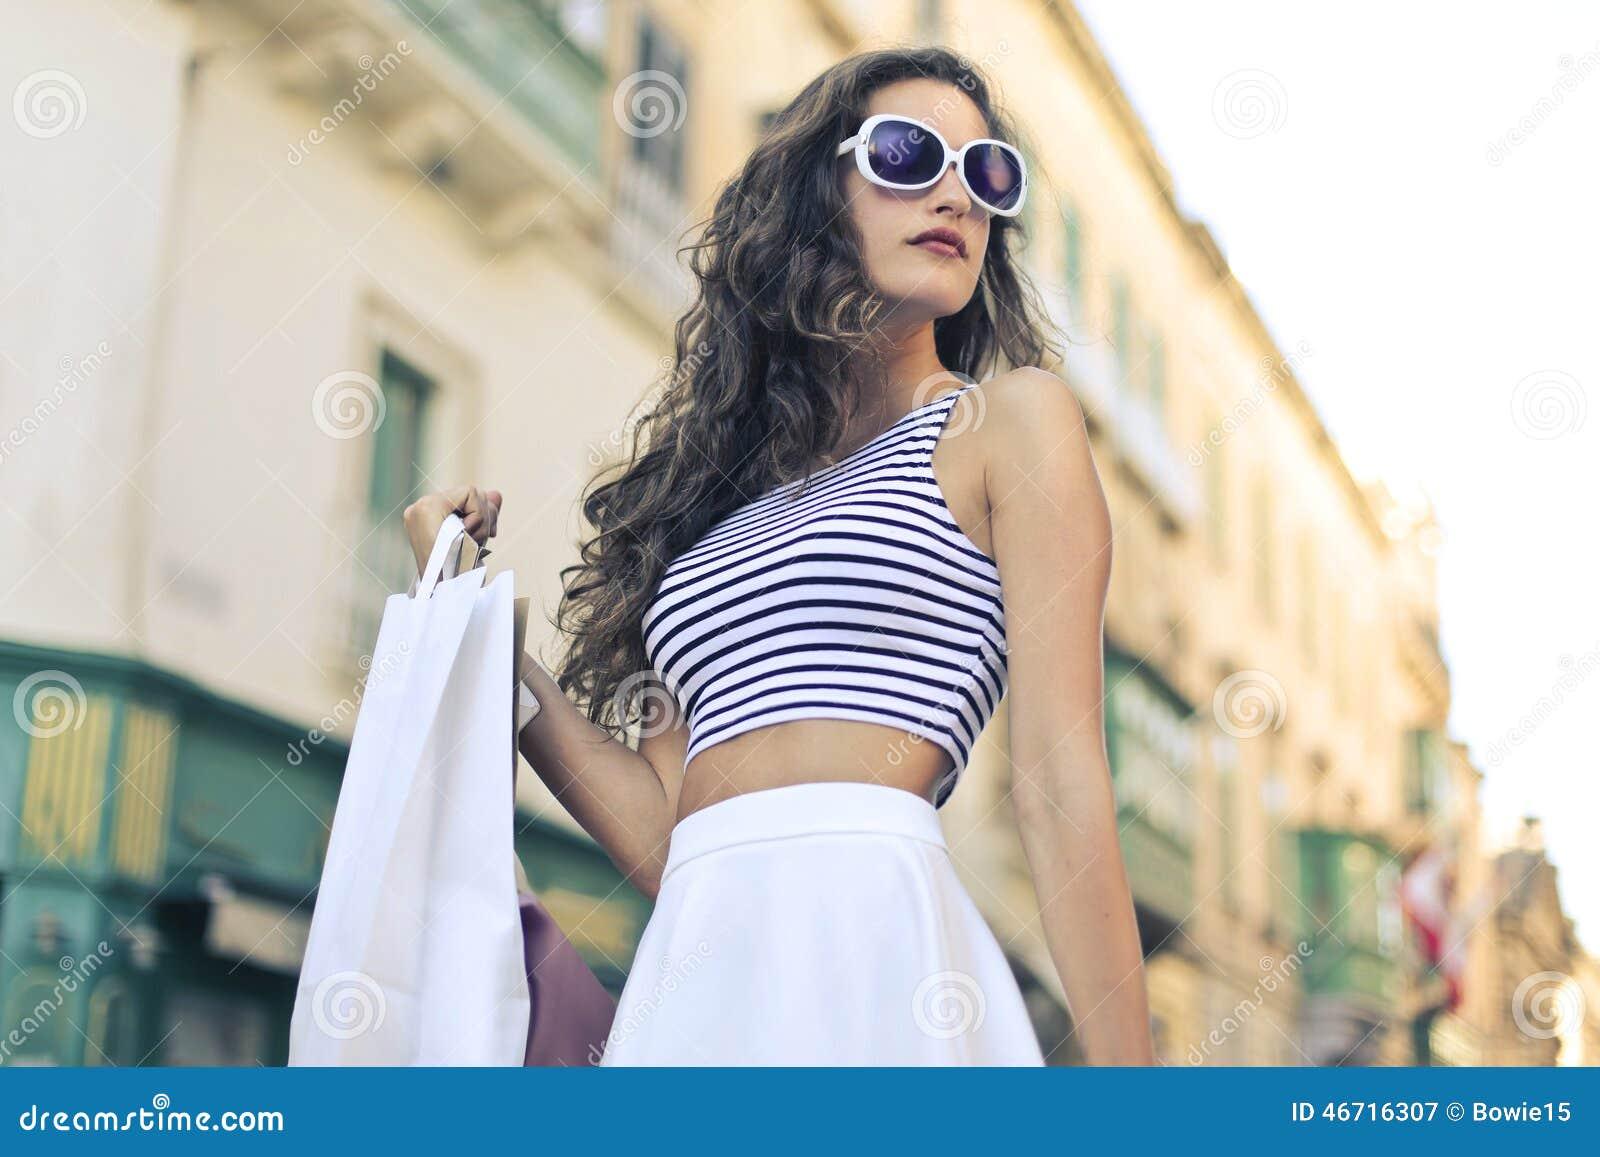 девушка модная картинки